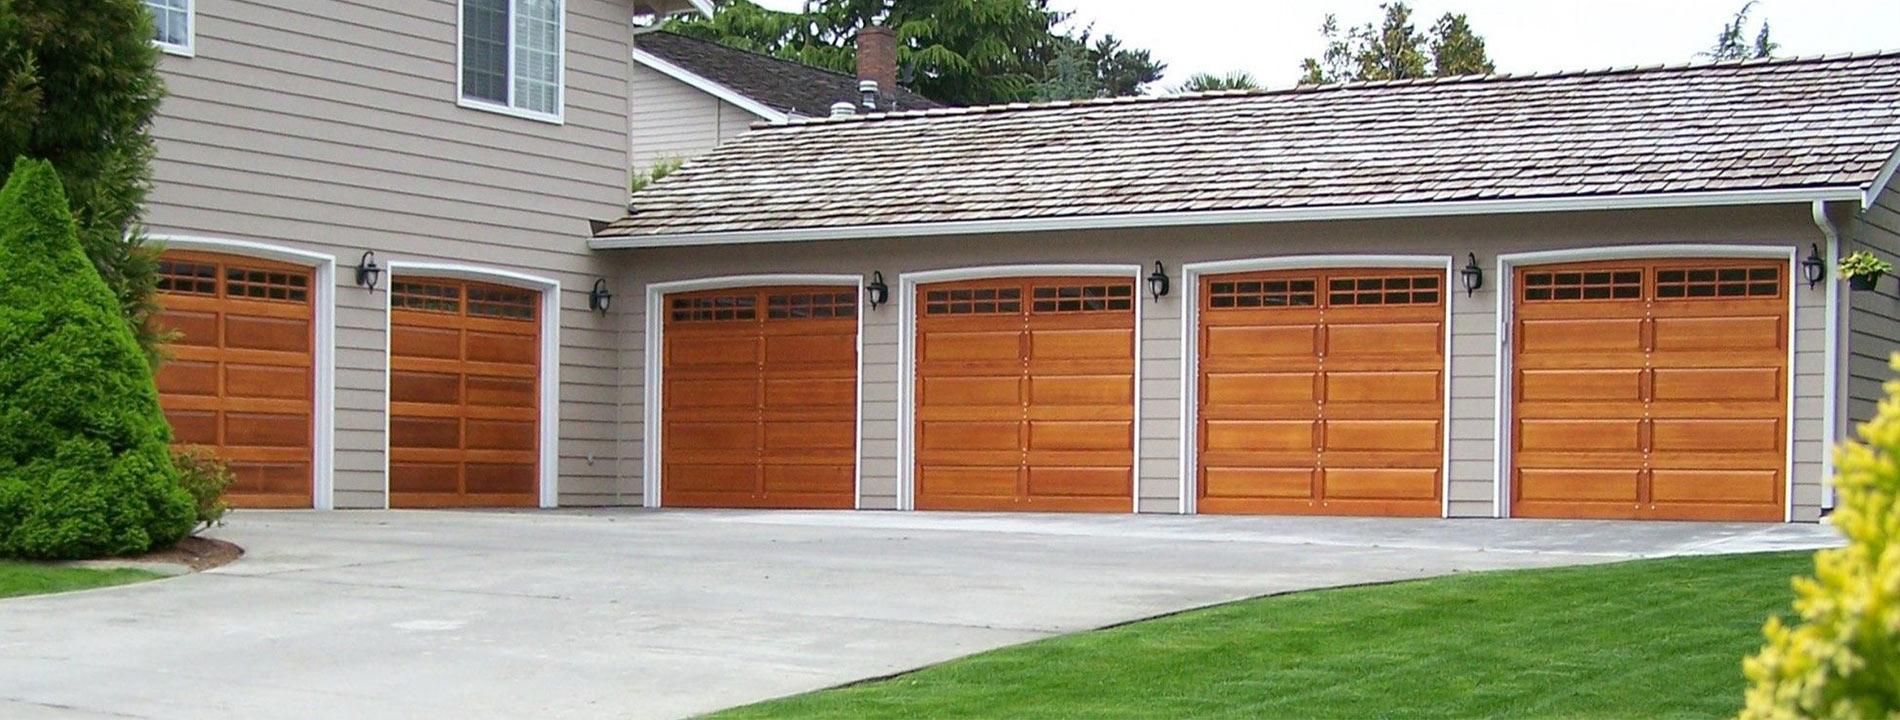 Decent Door Repair Service Door Repair Id Door Repair Company Overhead Door Boise Reviews Overhead Door Repair Boise Experts houzz 01 Overhead Door Boise